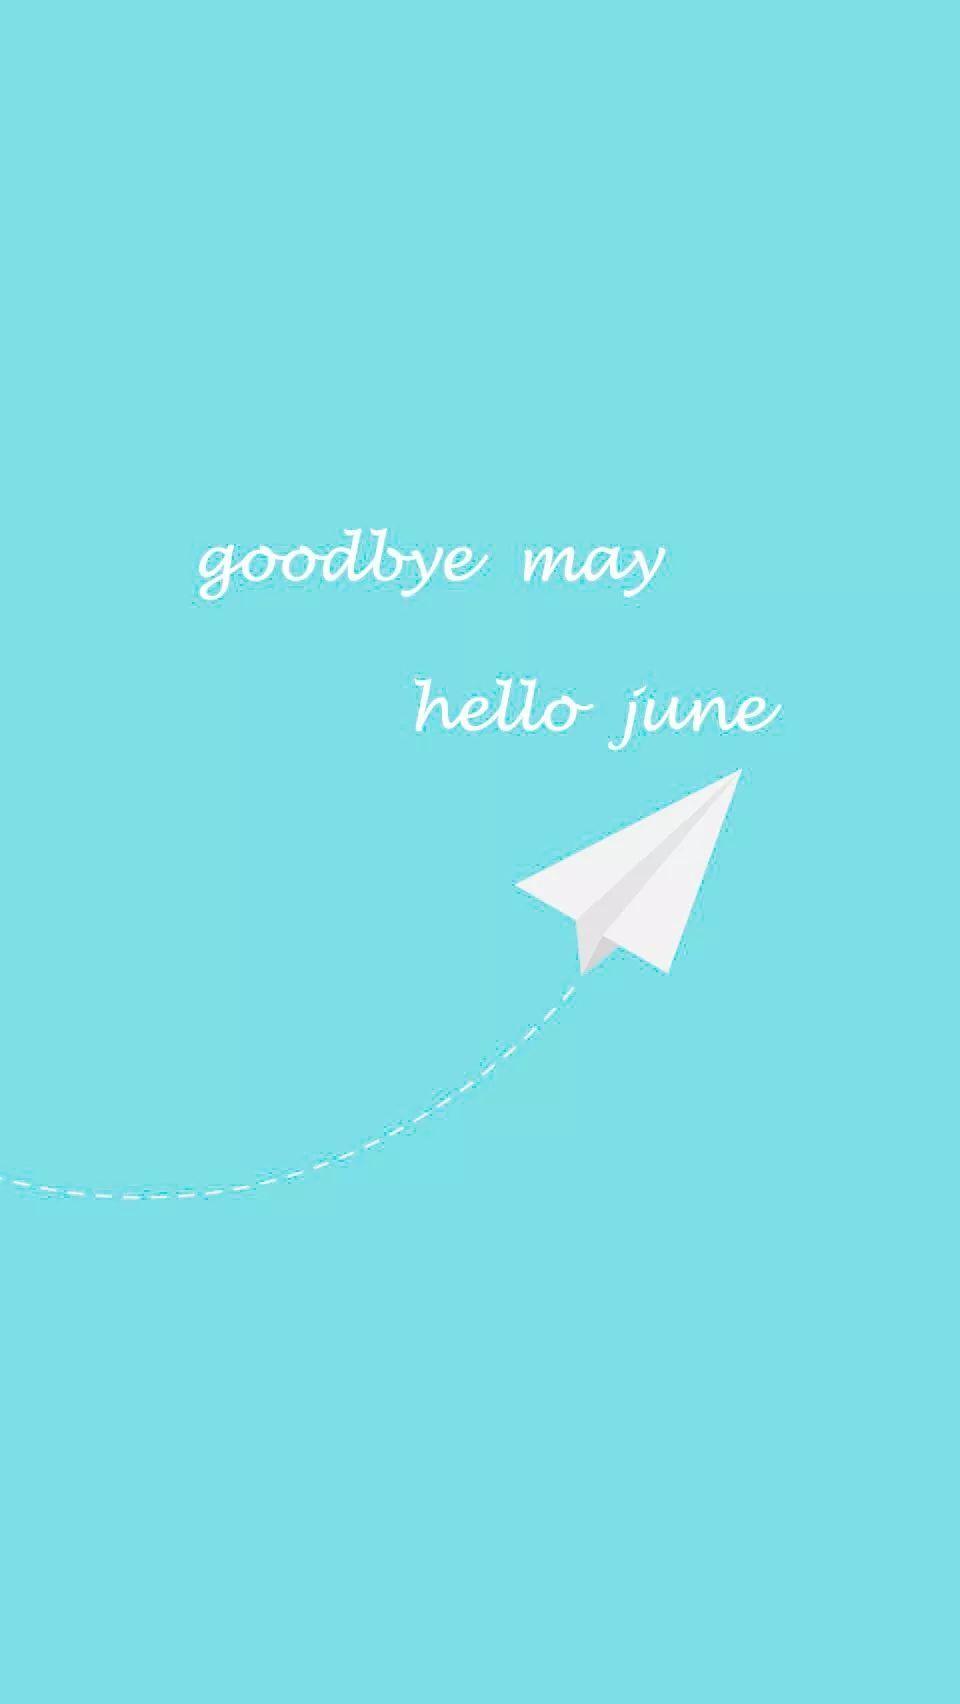 再见5月,你好6月